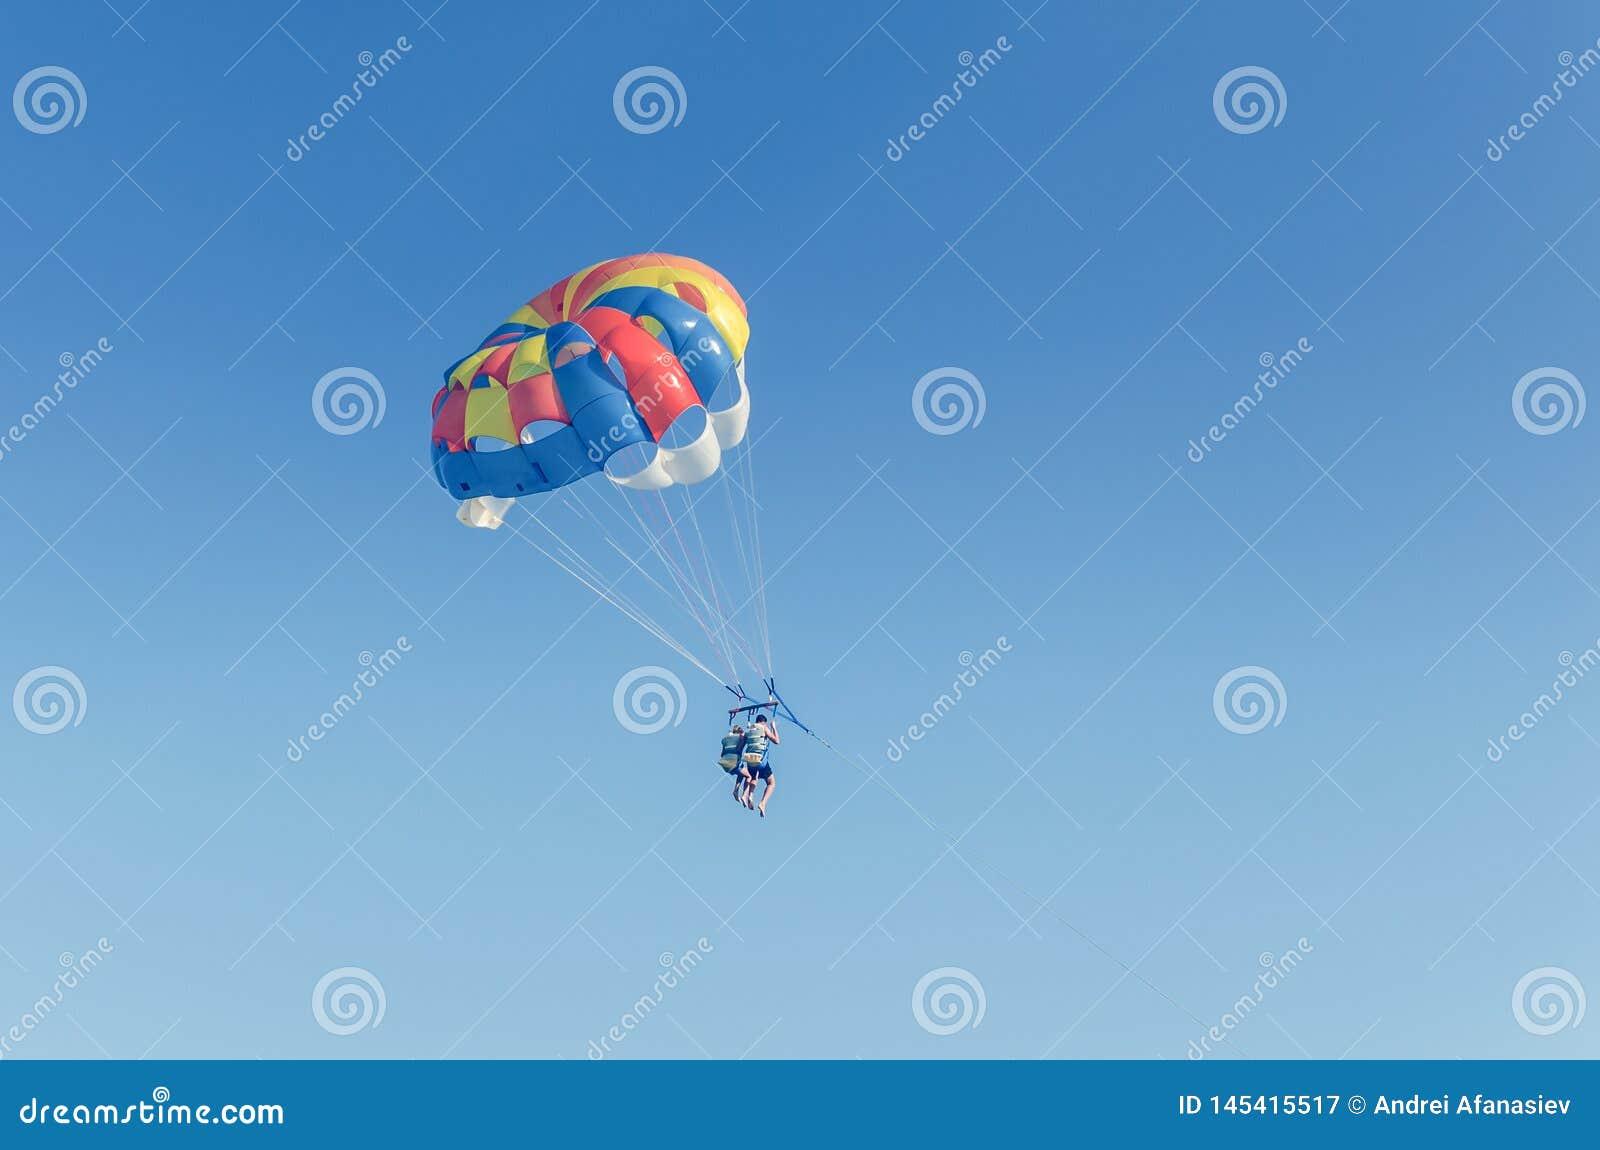 Parasailing parachute Free Flyin — Stock Photo © oqba